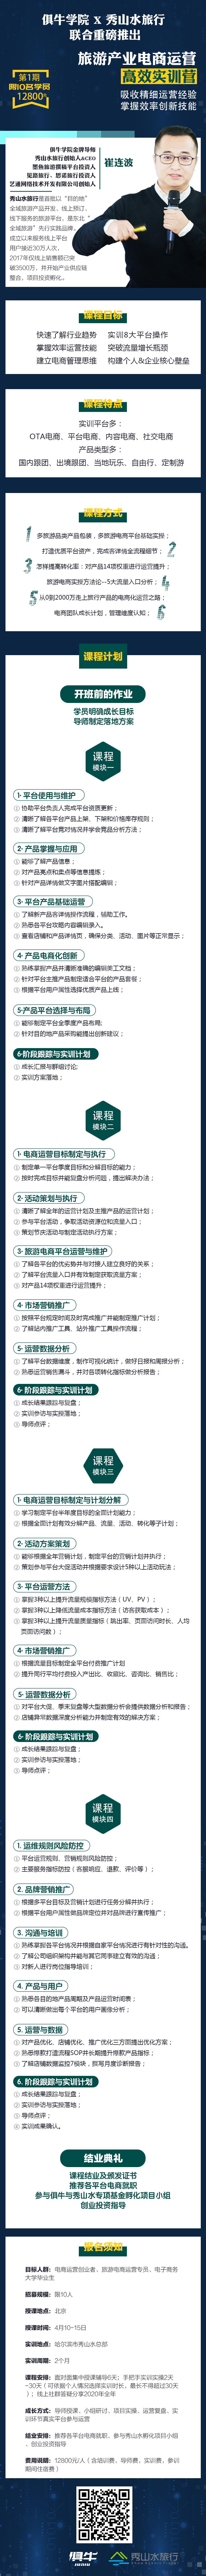 旅游产业电商运营(内容).jpg